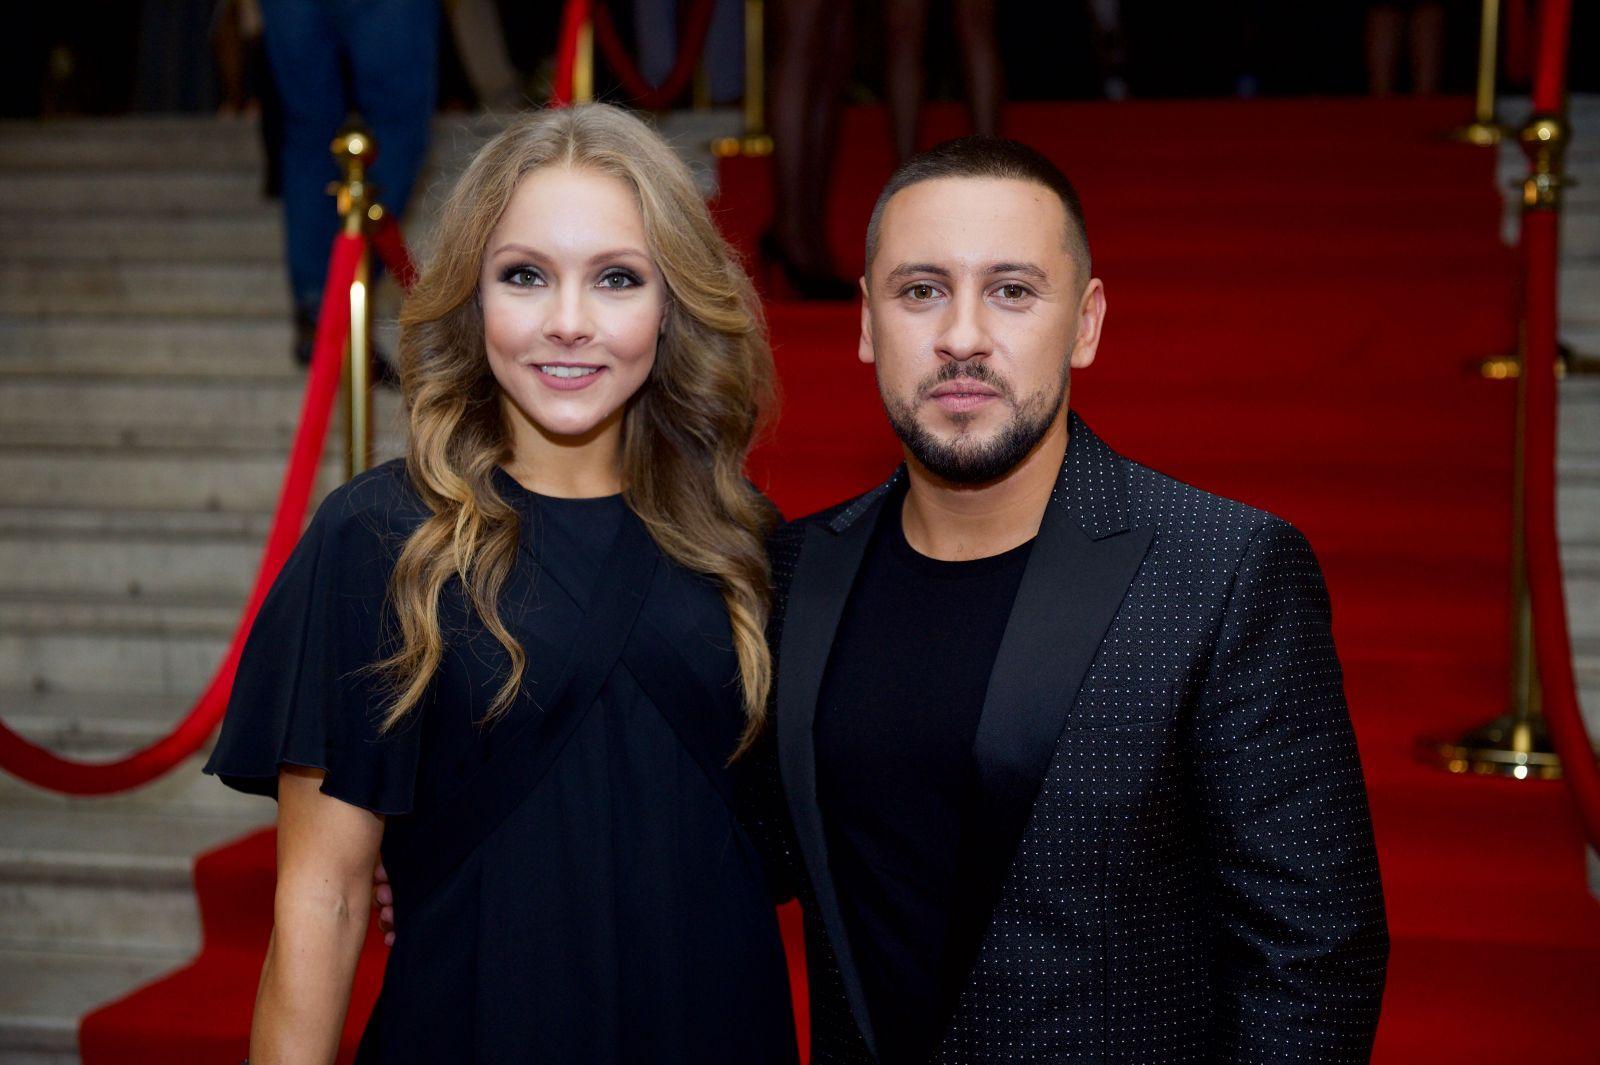 Тина Кароль, Оля Полякова, Monatik и многие другие: как звезды поддержали участниц «Мисс Украина-2017»